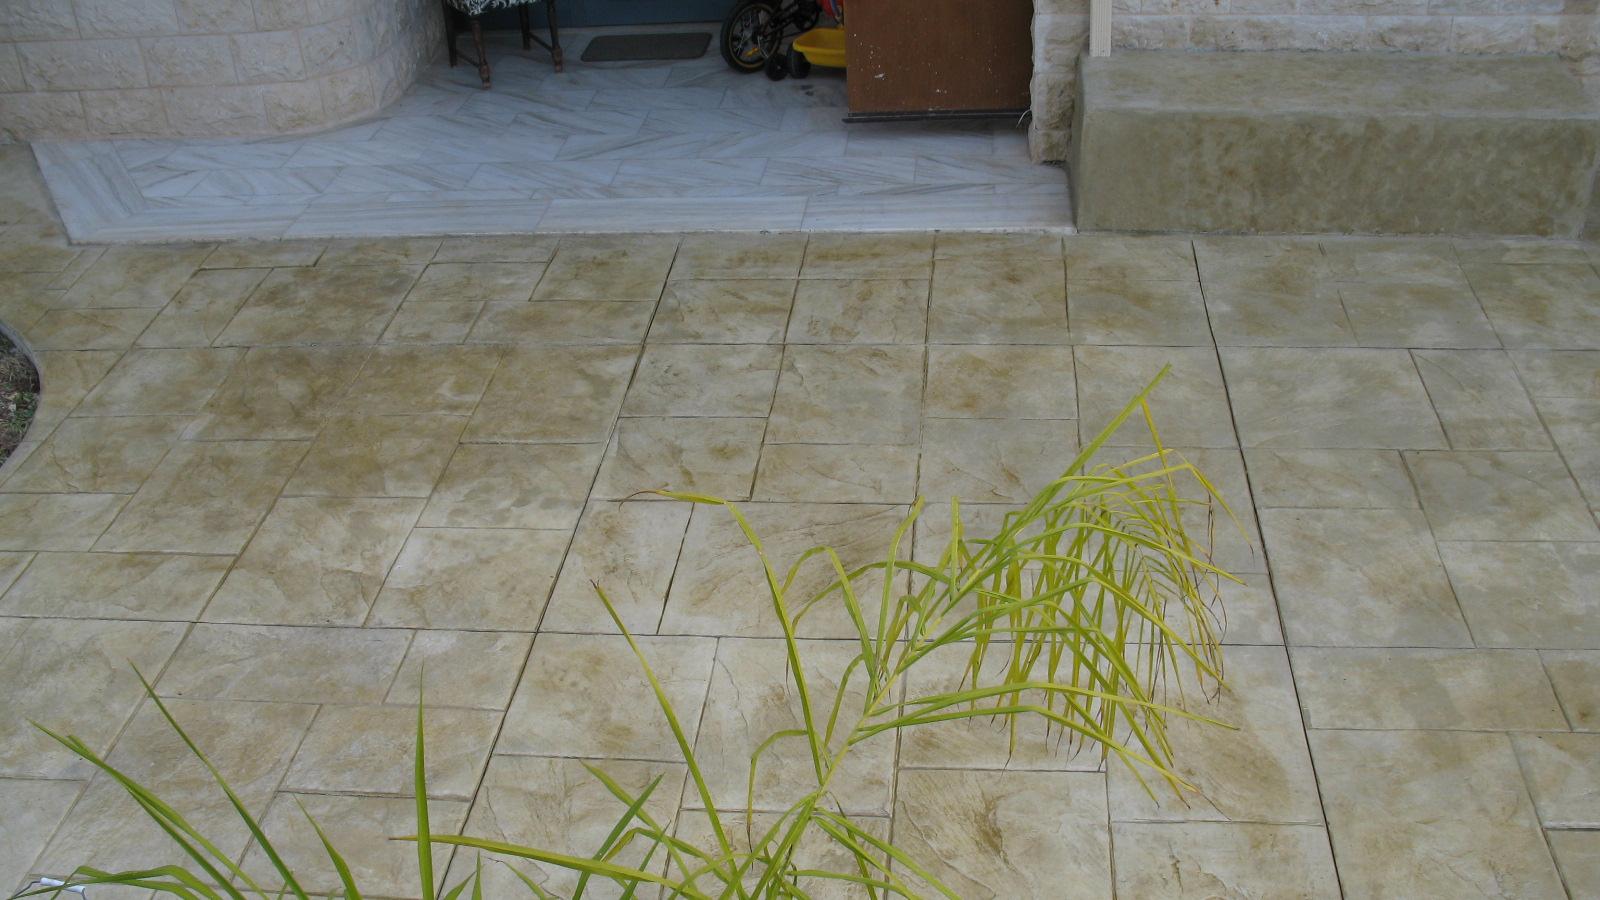 רצפת בטון דמוי צפחה גדולה